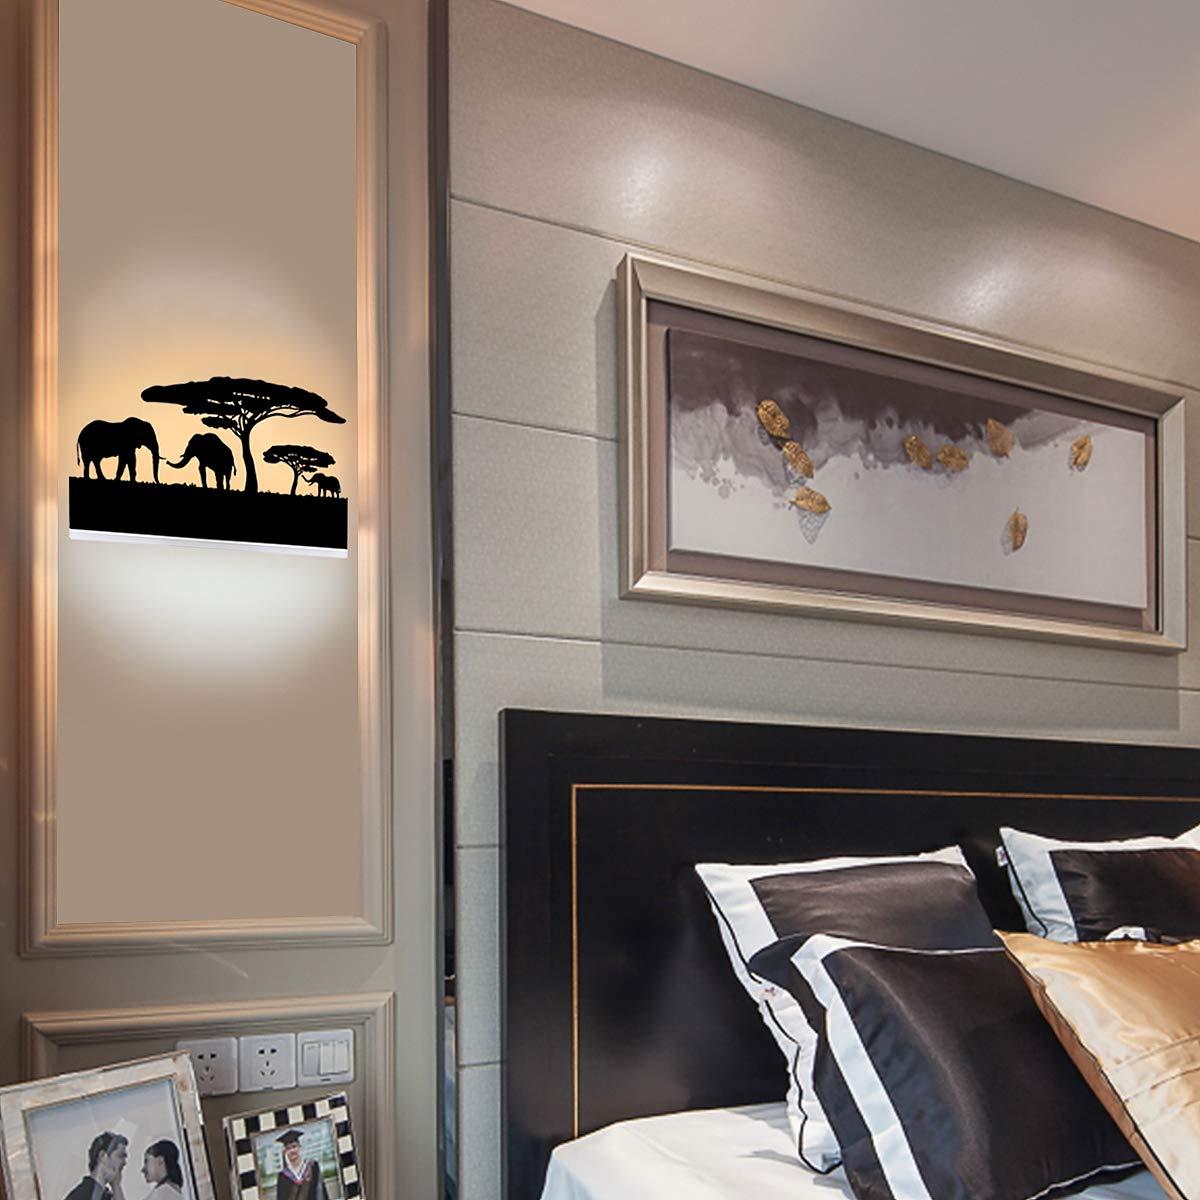 Kernorv Led Wall Sconce 18W Wall Sconce Lighting for Bedroom Living Room Hotel Bathroom Cafe